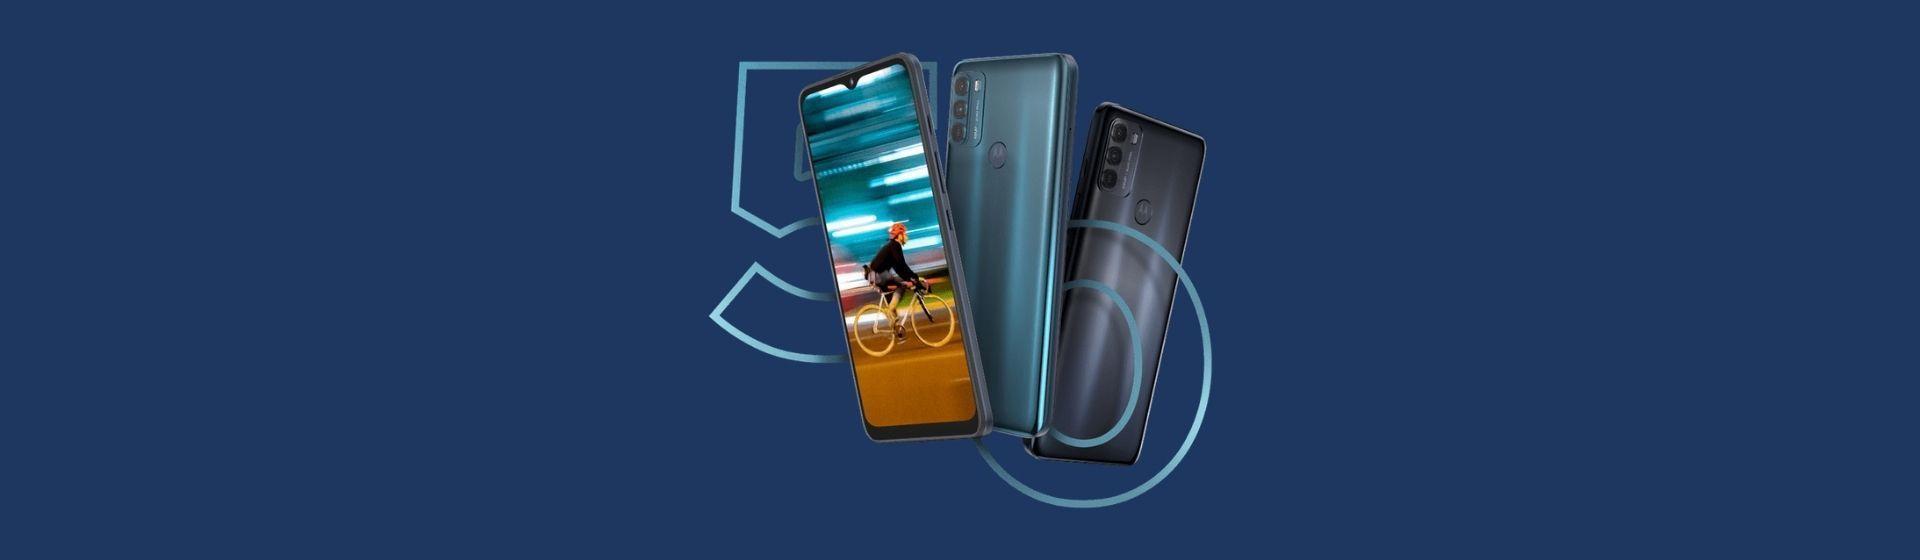 Moto G50 é bom? Conheça o novo celular da Motorola